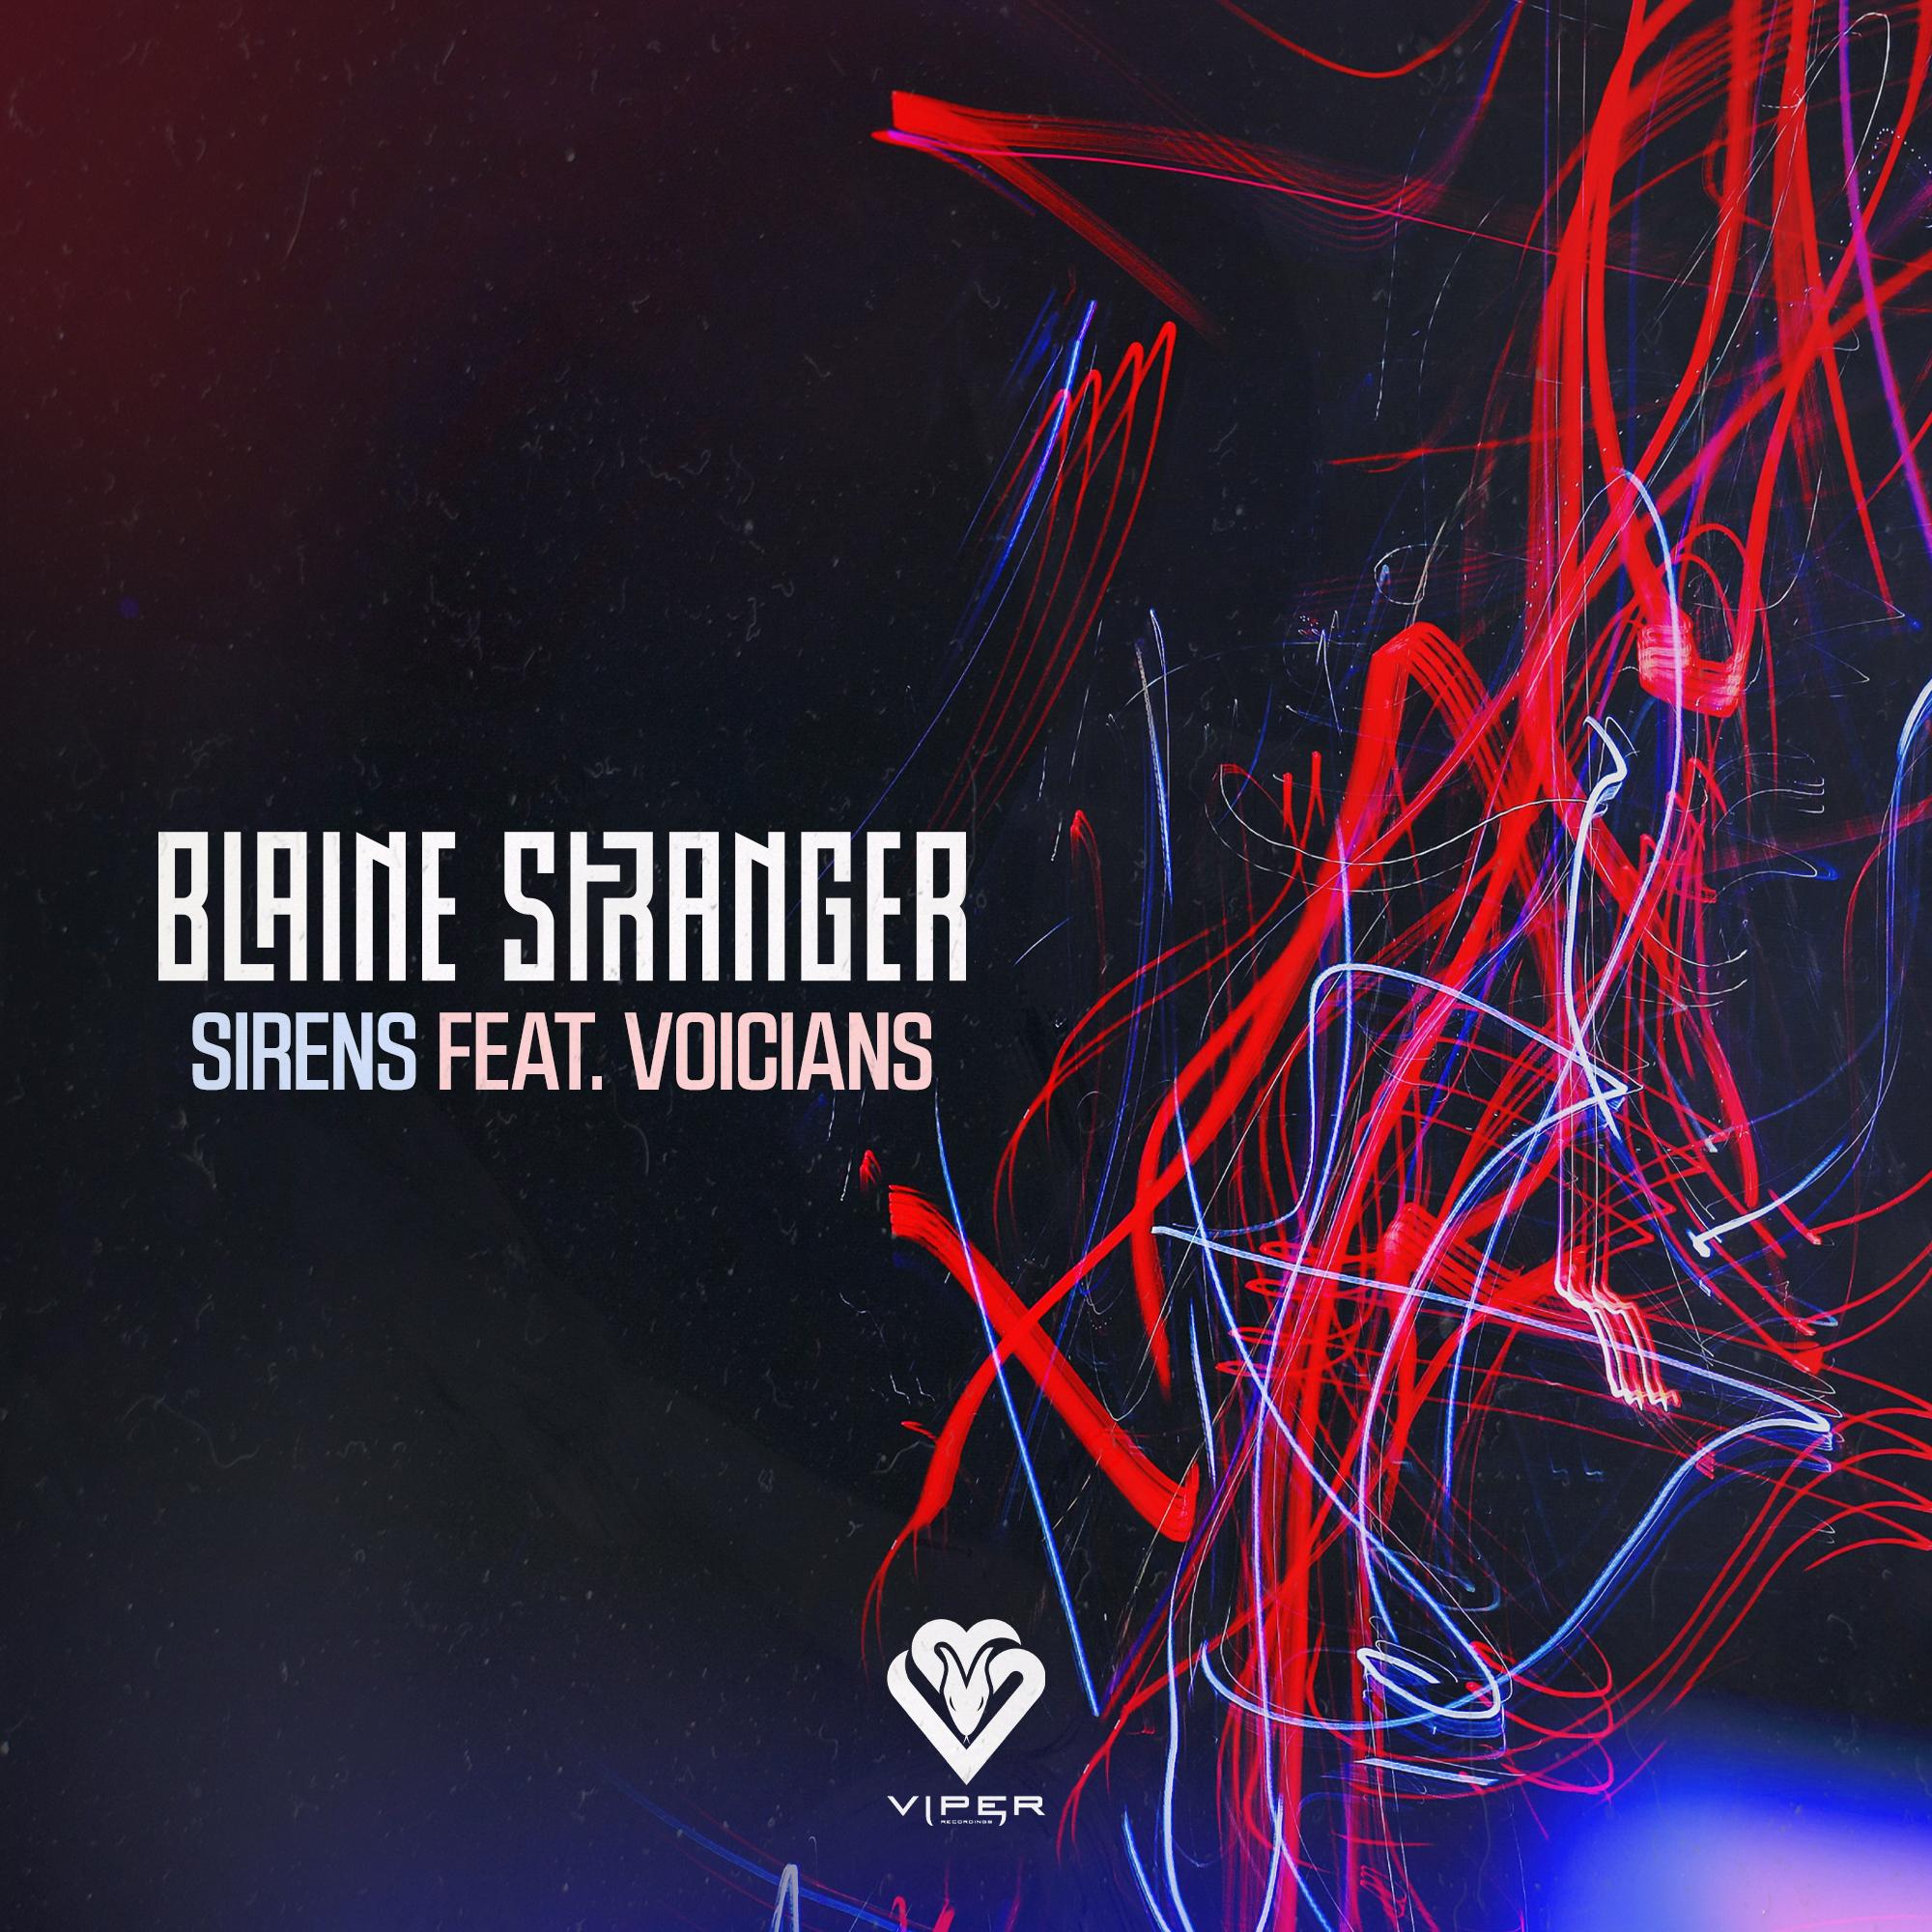 Blaine Stranger - Sirens ft. Voicians [VPR233]